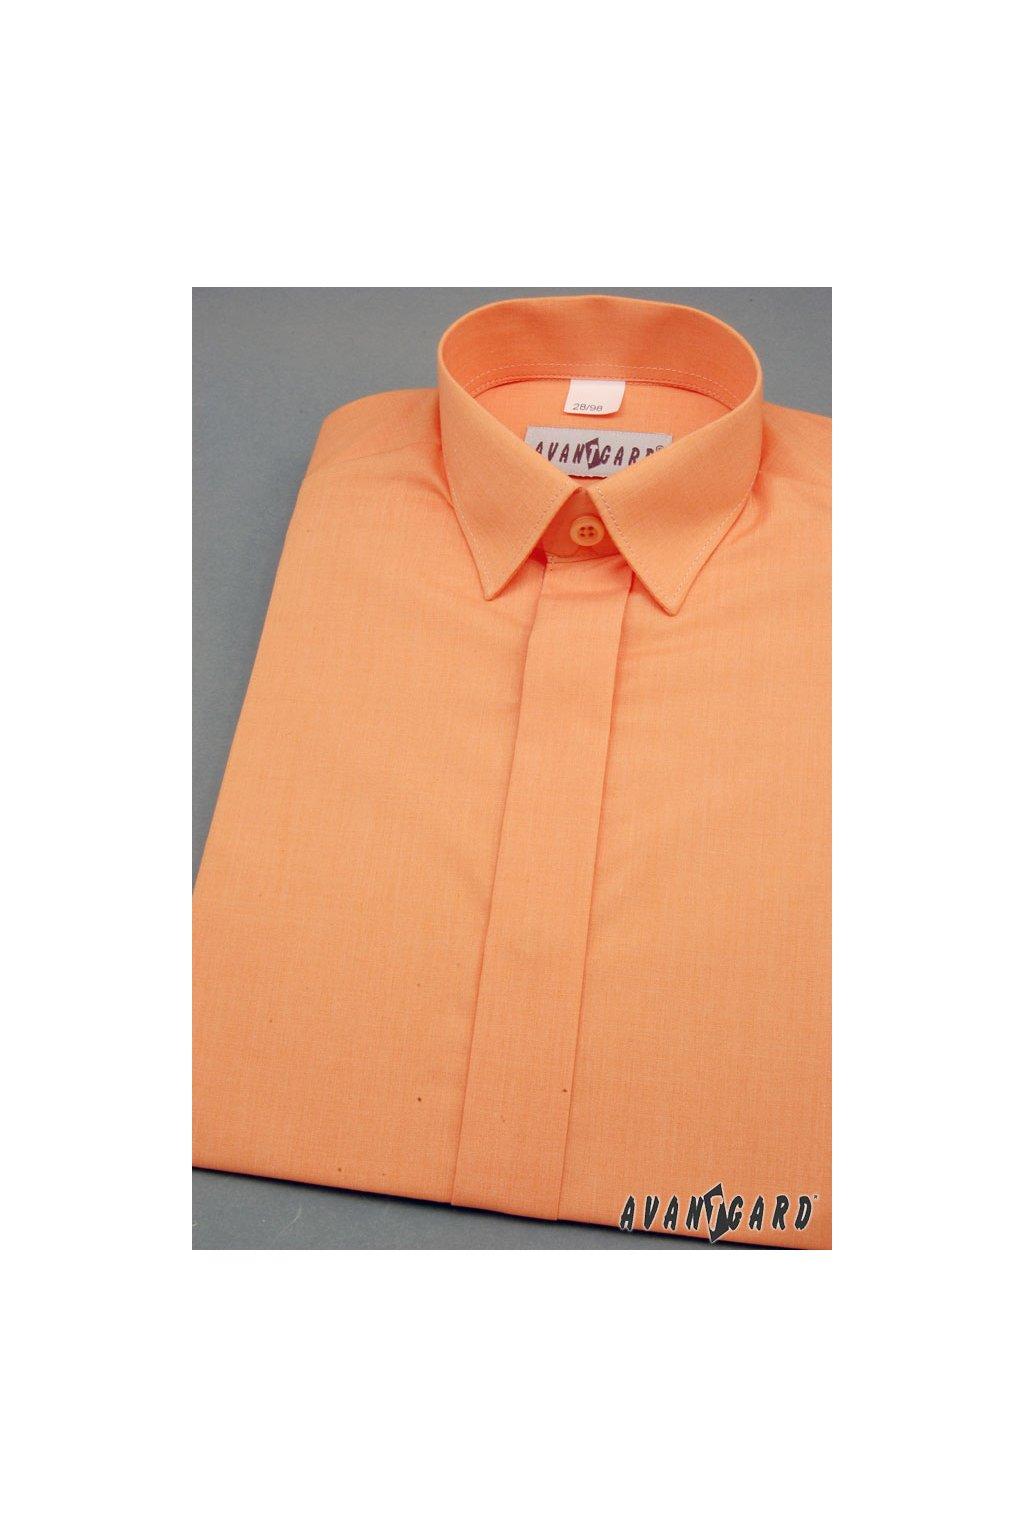 Chlapecká košile KLASIK s krytou légou pomerančová 458 - 10